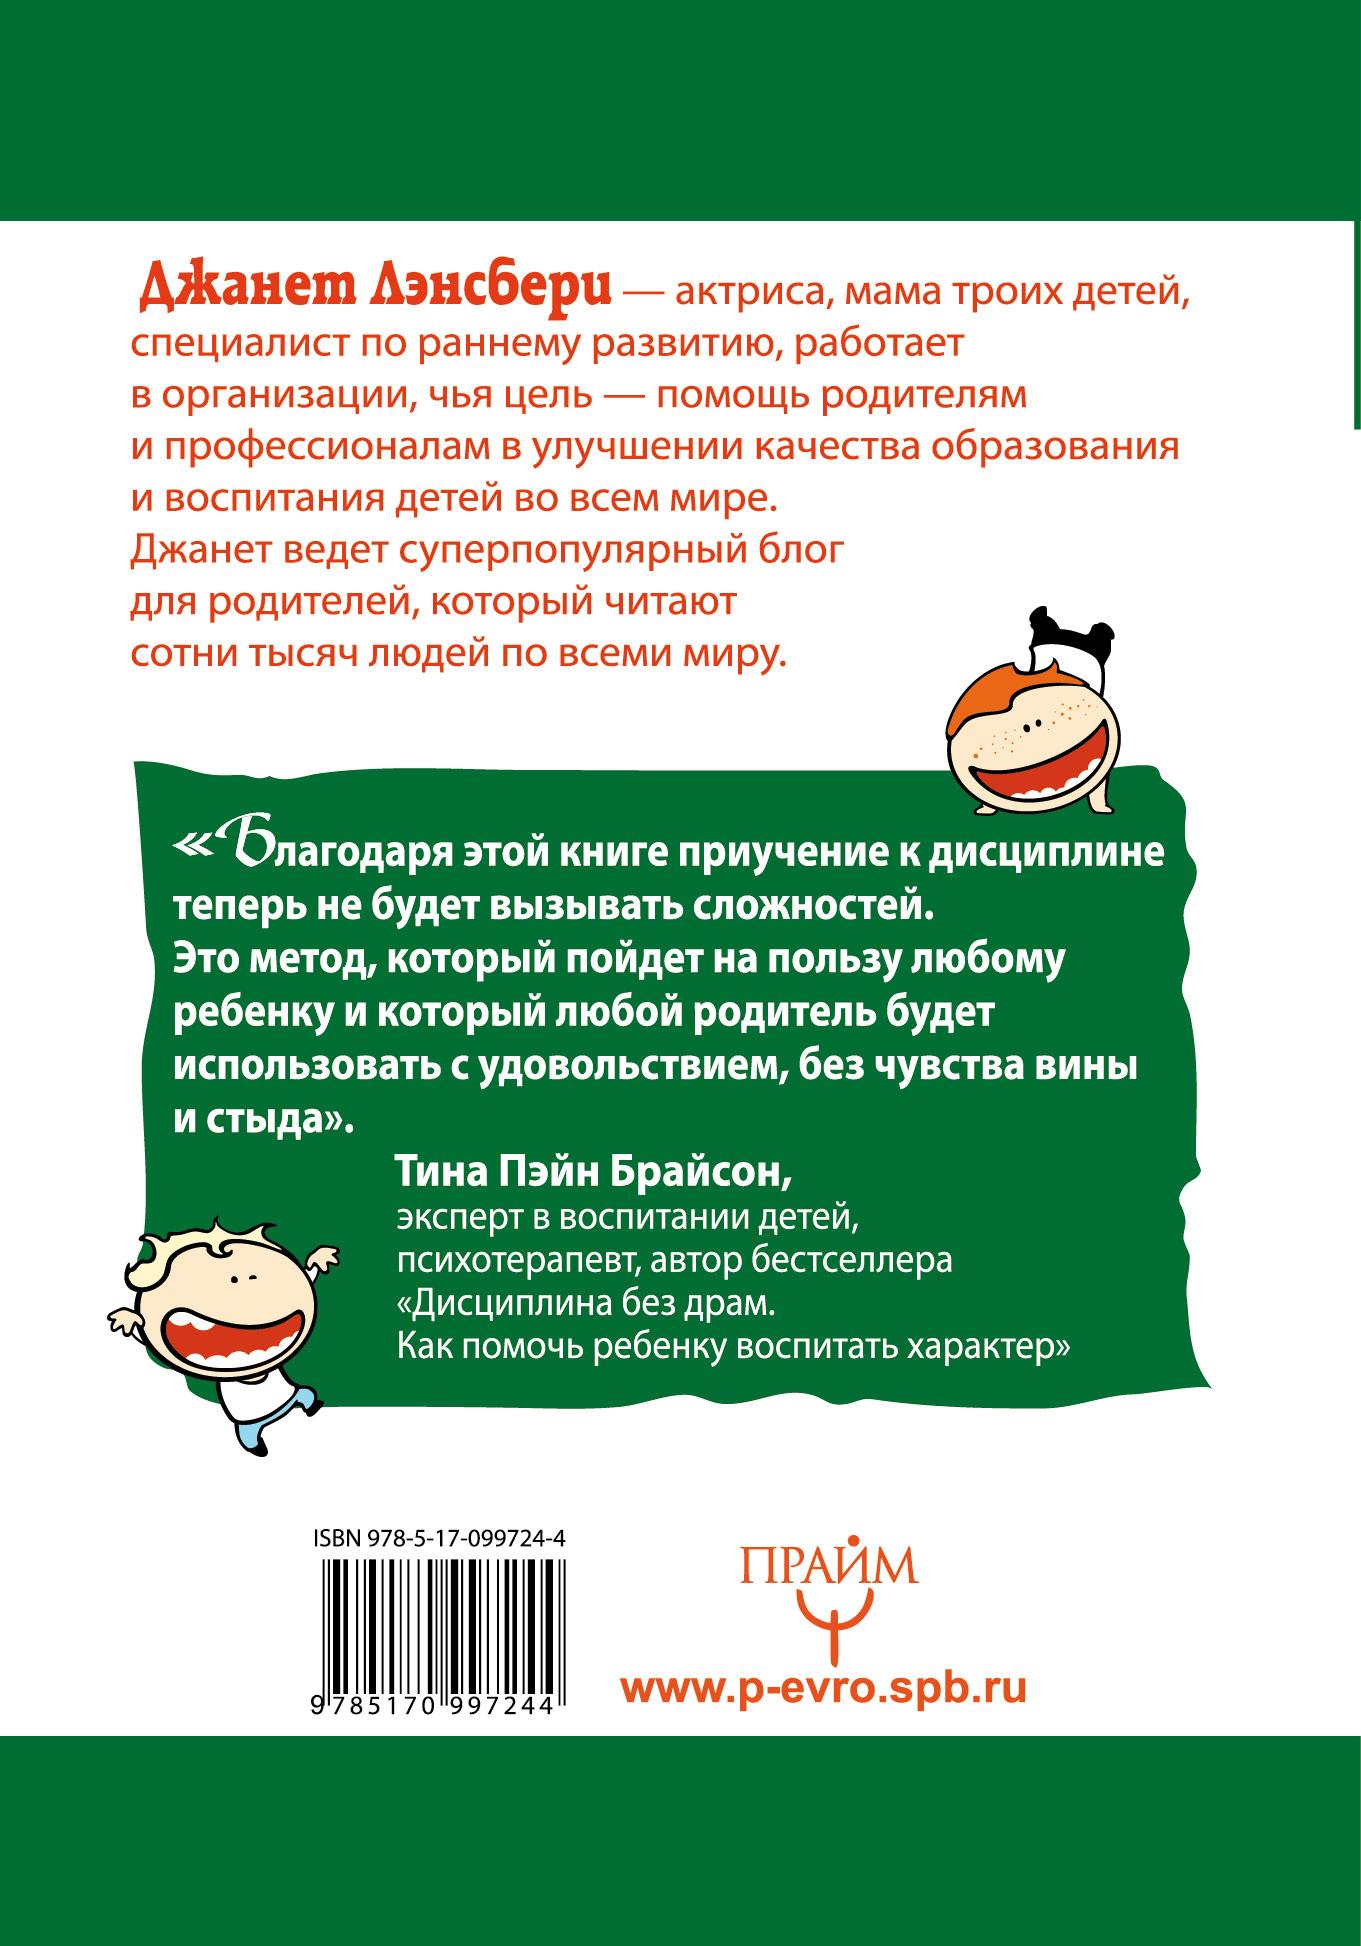 Книга #Плохих детей не бывает! Дисциплина с удовольствием. Секретные слова, которые помогут вам стать по-настоящему счастливыми родителями. Джанет Лэнсбери